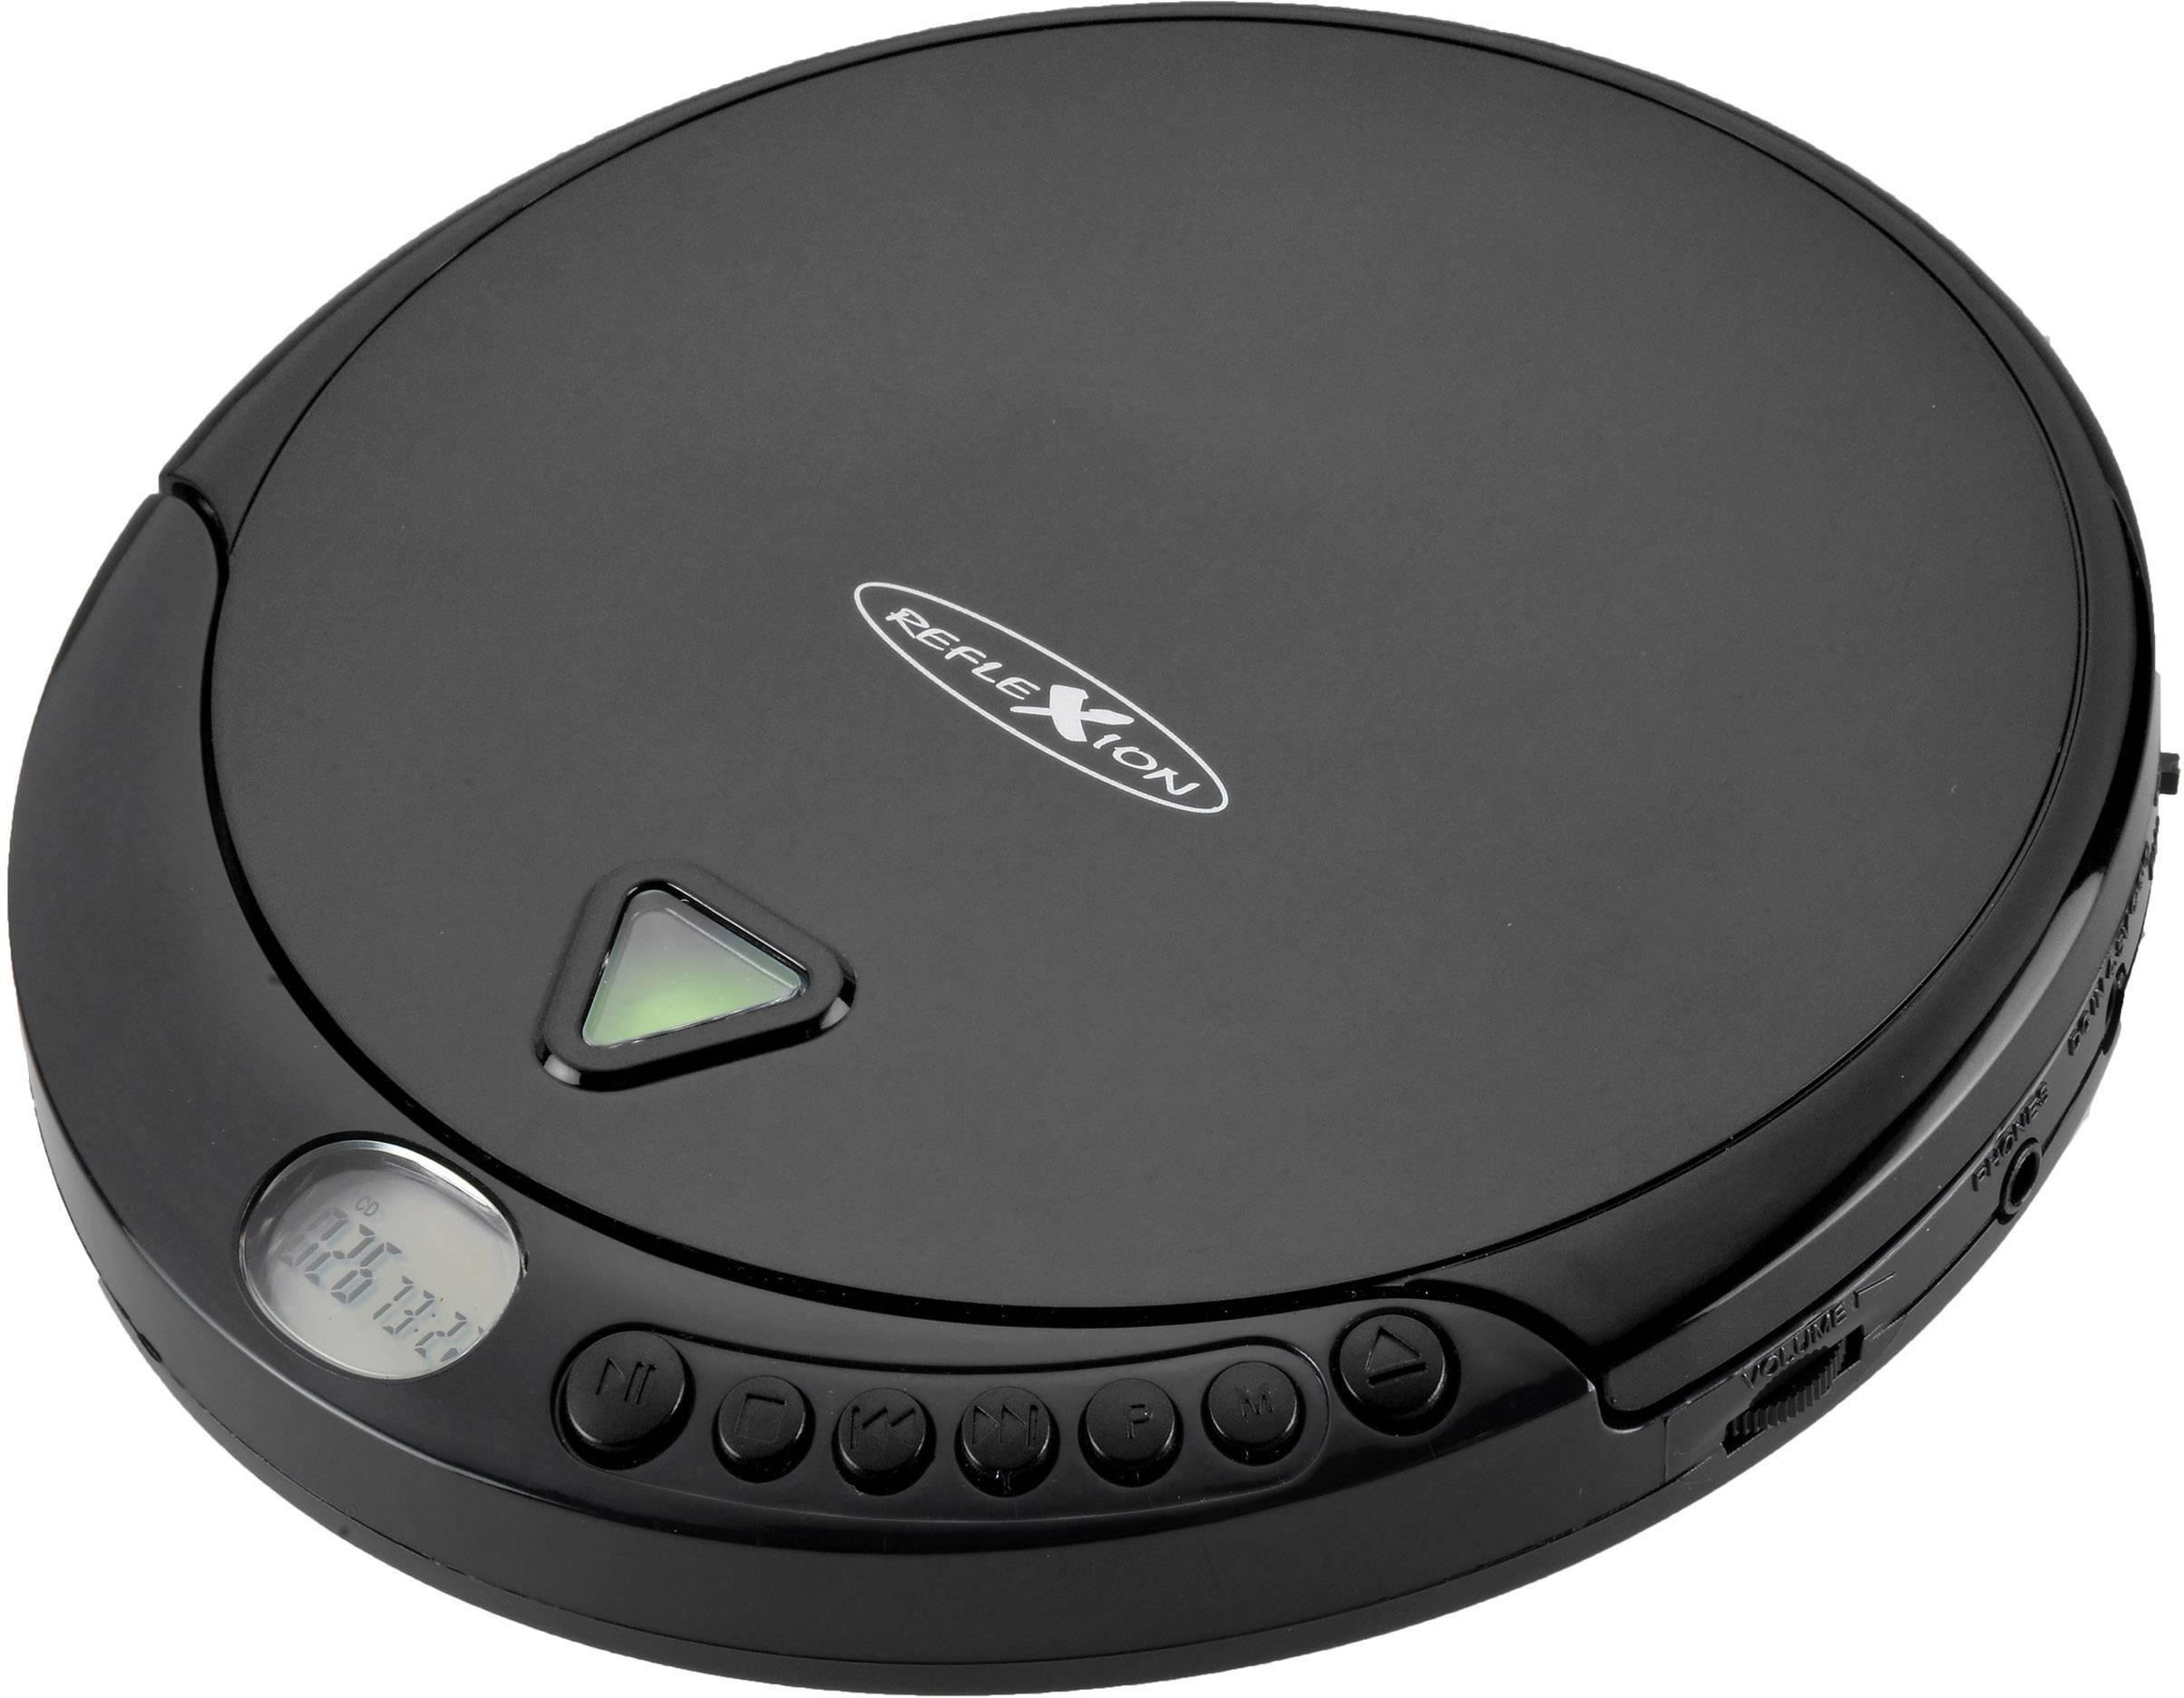 Přenosný CD přehrávač Discman s FM rádiem Reflexion PCD510MF, CD, CD-R, CD-RW, MP3, černá